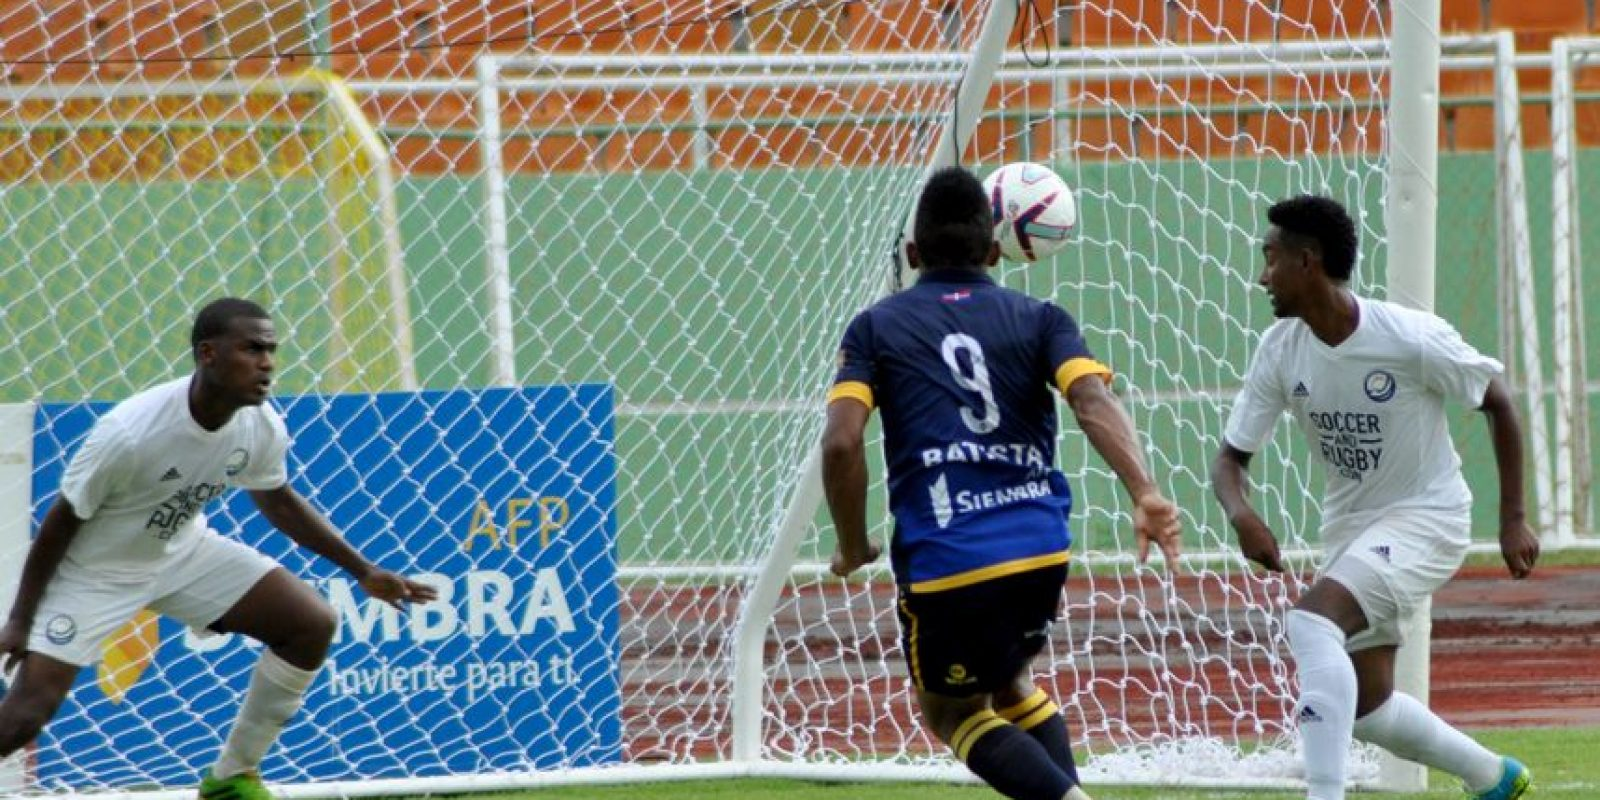 Darlyn Batista de pantoja patea la bola haciendo gol mientras que José Hernández quien está en la porteria y Robert Rosario de los Delfines. Foto:Fuente externa